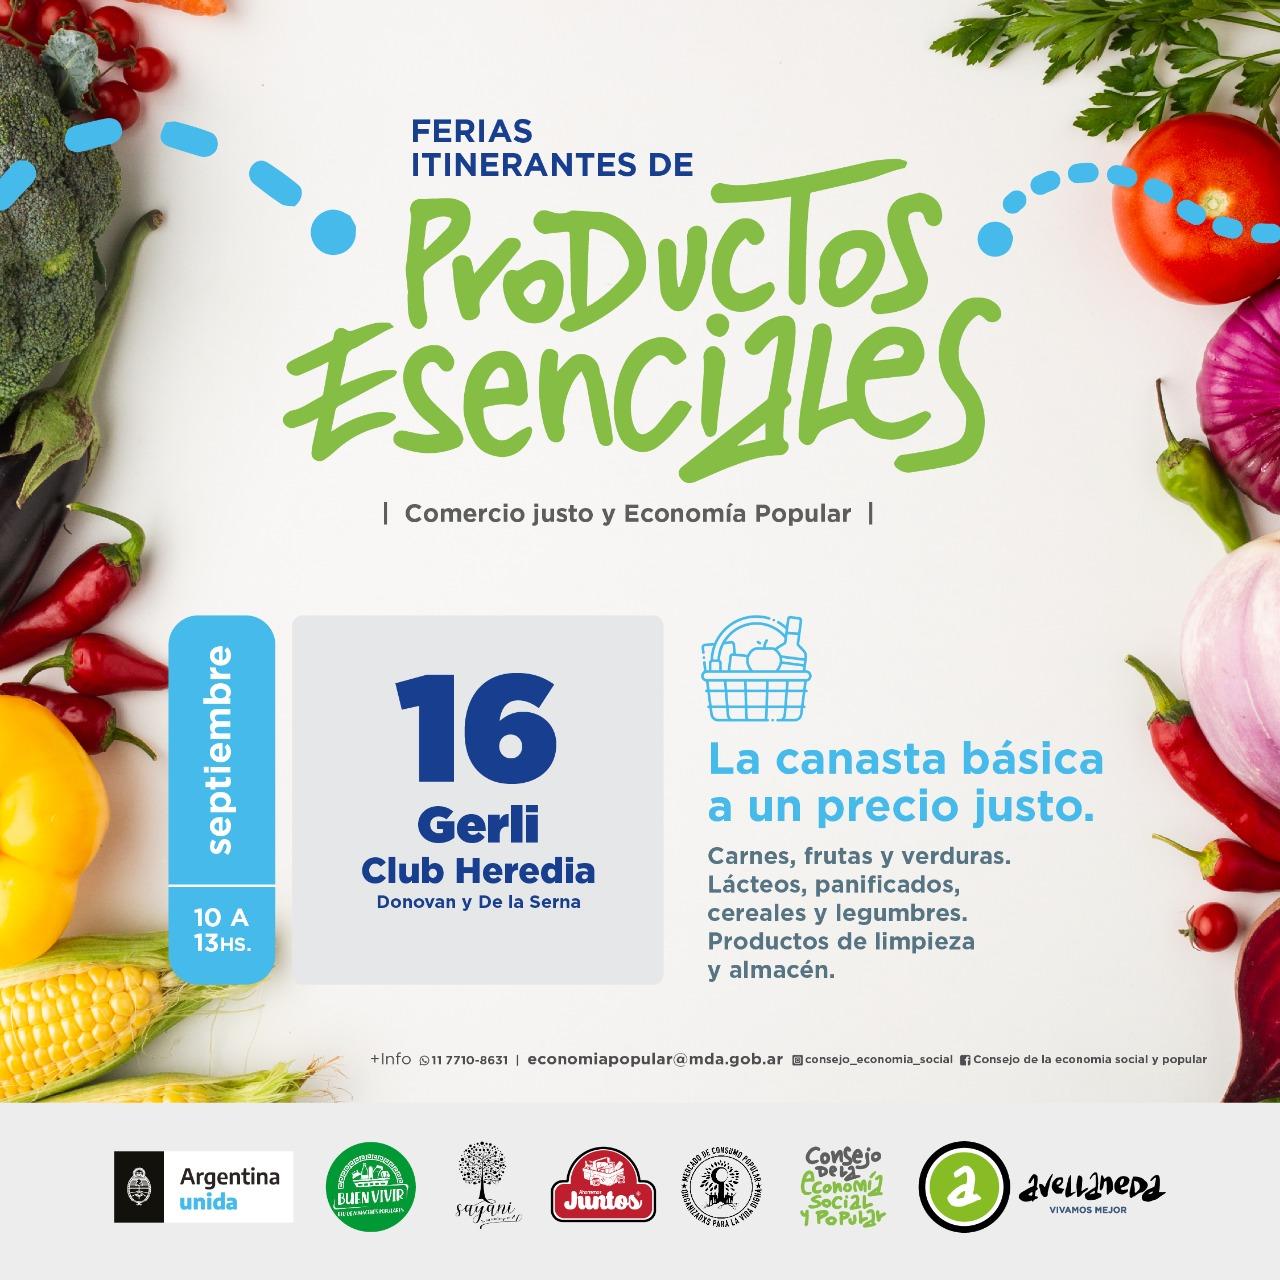 📆SEPTIEMBRE- FERIAS ITINERANTES DE PRODUCTOS ESENCIALES